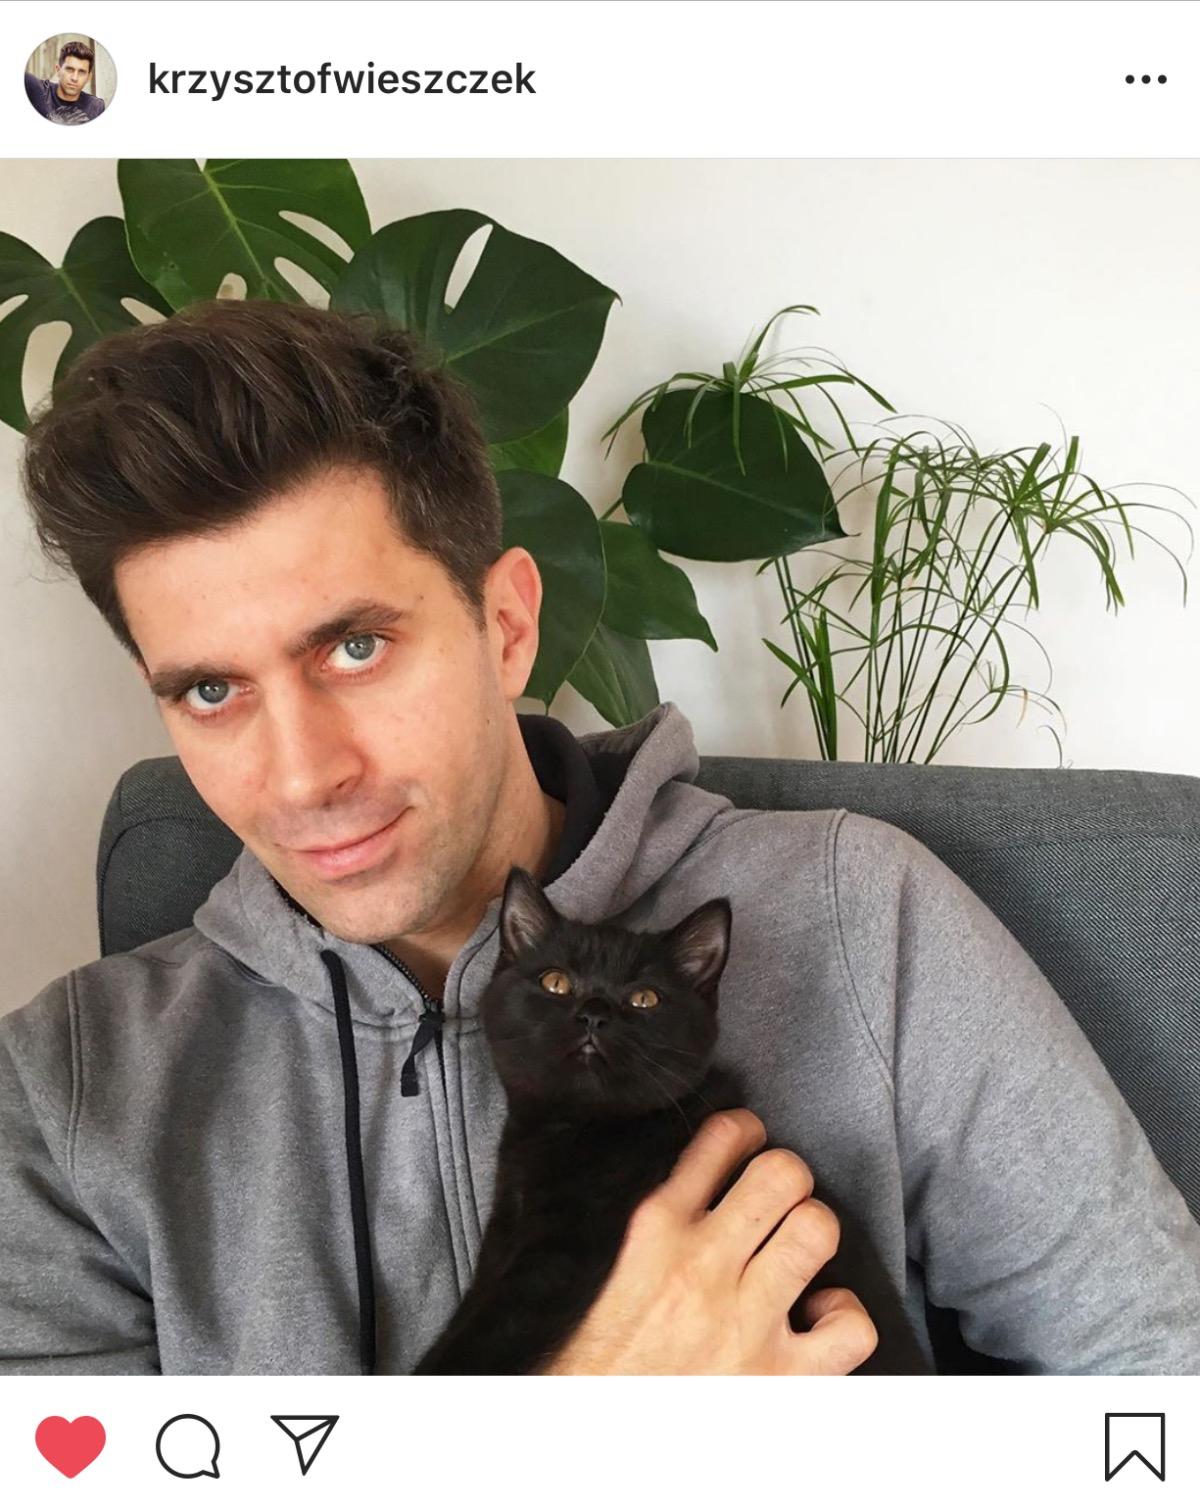 BlogStar: Pies czy kot - czworonożni ulubieńcy gwiazd - BlogStar.pl